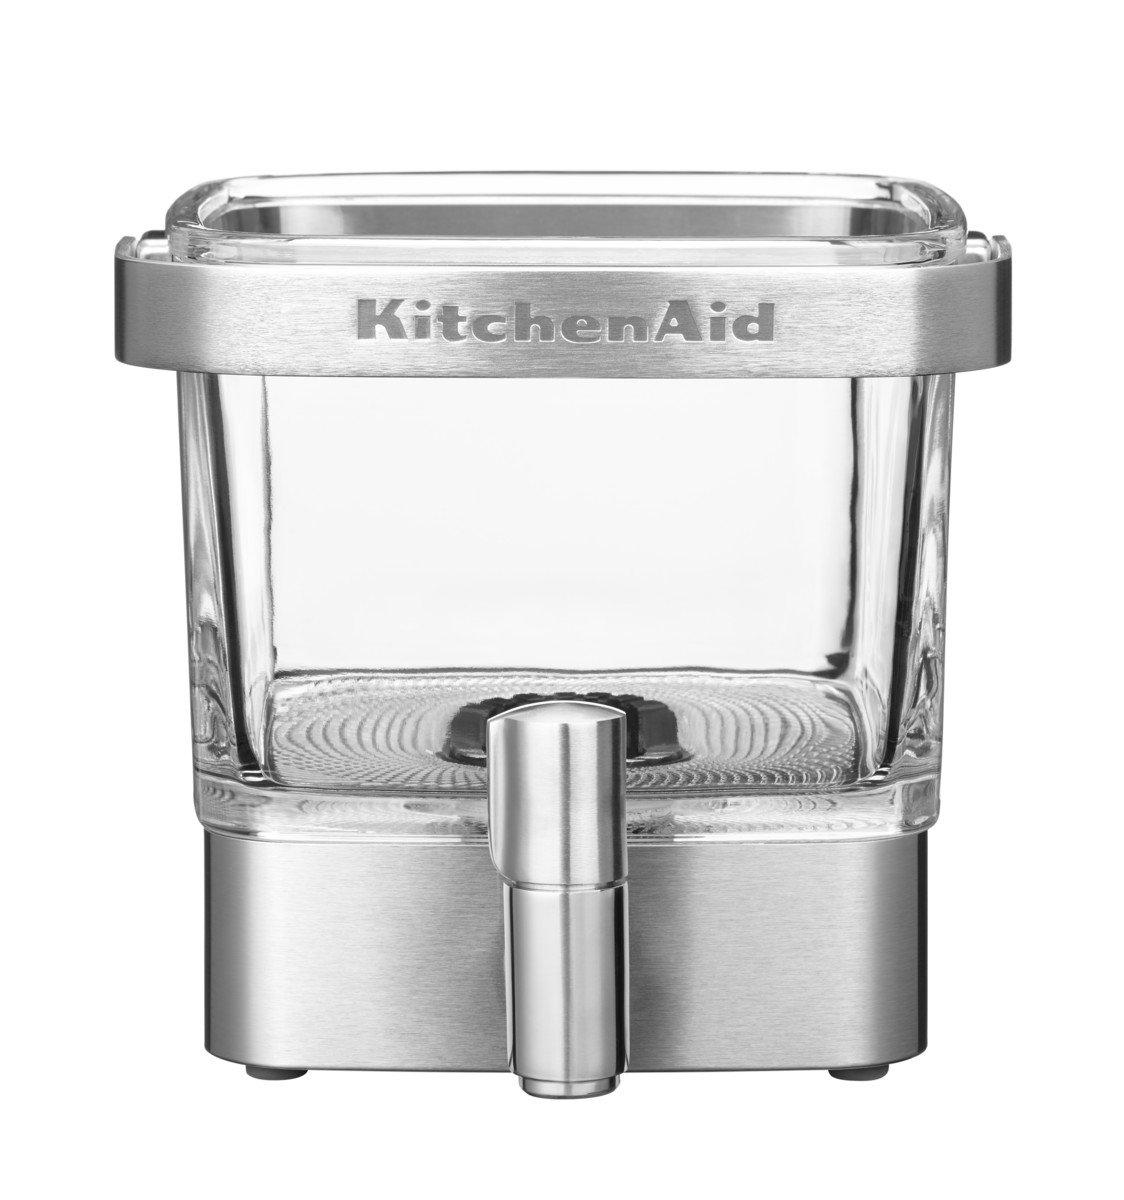 KitchenAid 5 kcm4212sx Cold de Brew – Cafetera, acero inoxidable ...